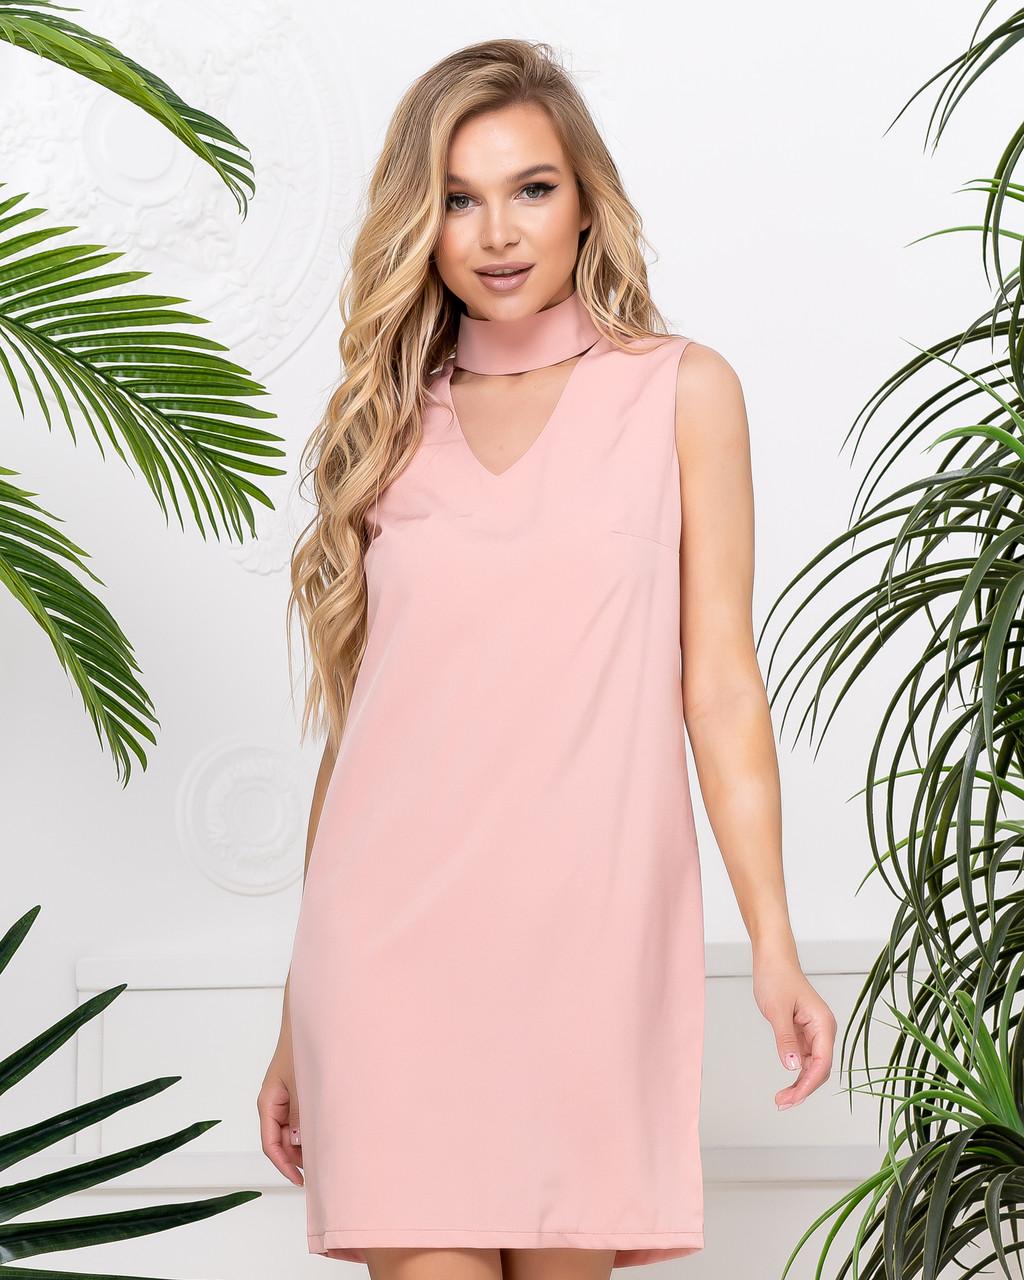 Пудровое платье размер Универсал